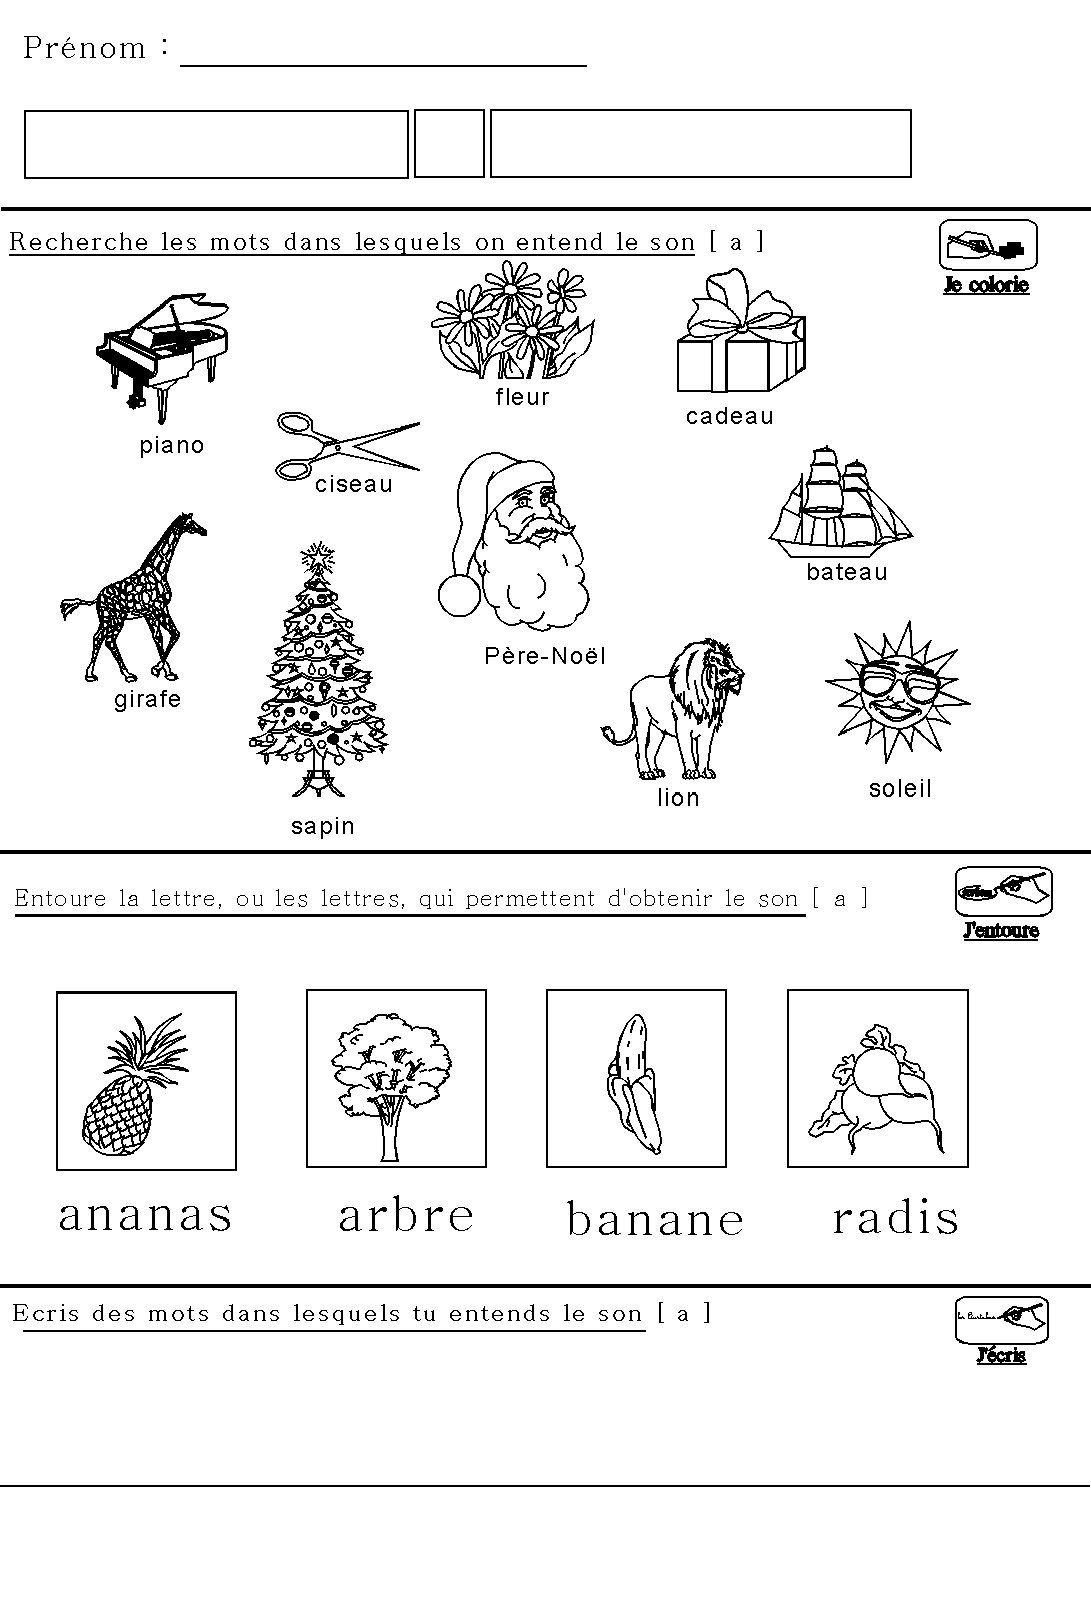 phonologie fiche maternelle sur le son a pour maternelle grande section et cp ief. Black Bedroom Furniture Sets. Home Design Ideas